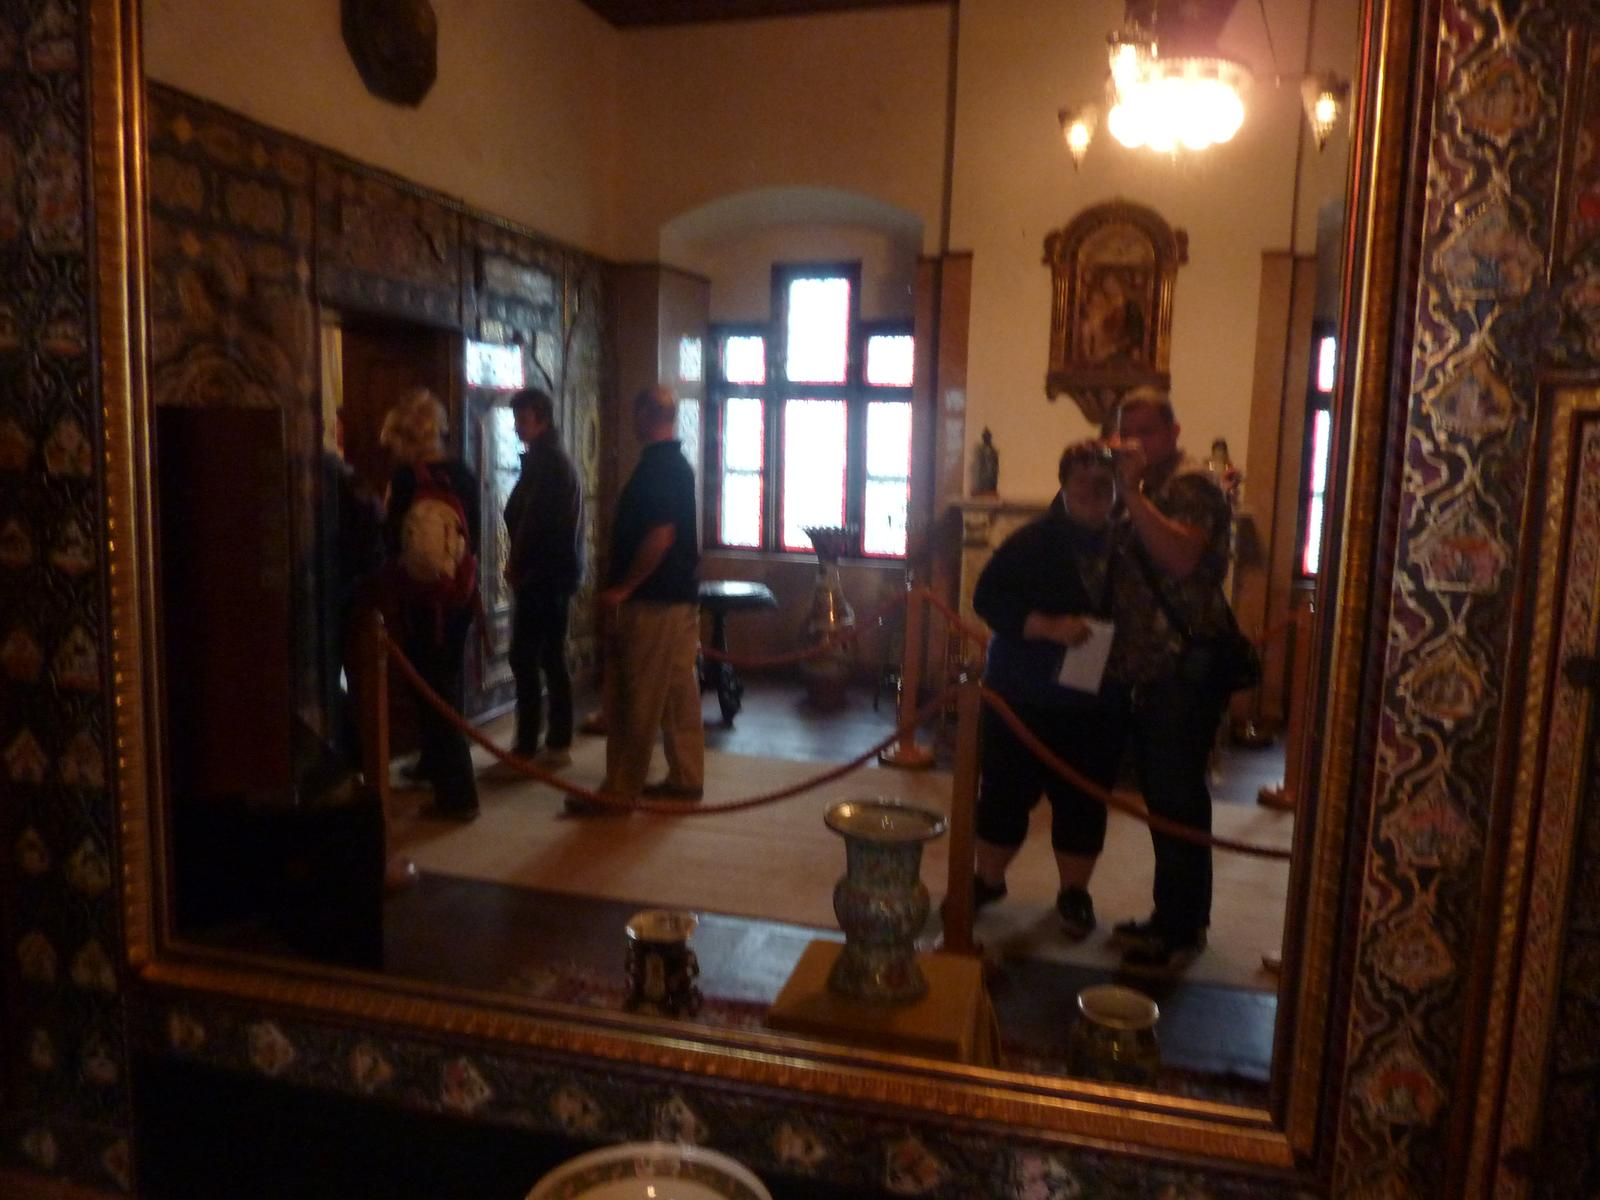 Svatební cesta - to bylo už v zámku.Zrcadlo prej kdo do nej pohlédne bude hezčí a bohatší tak nevim:D